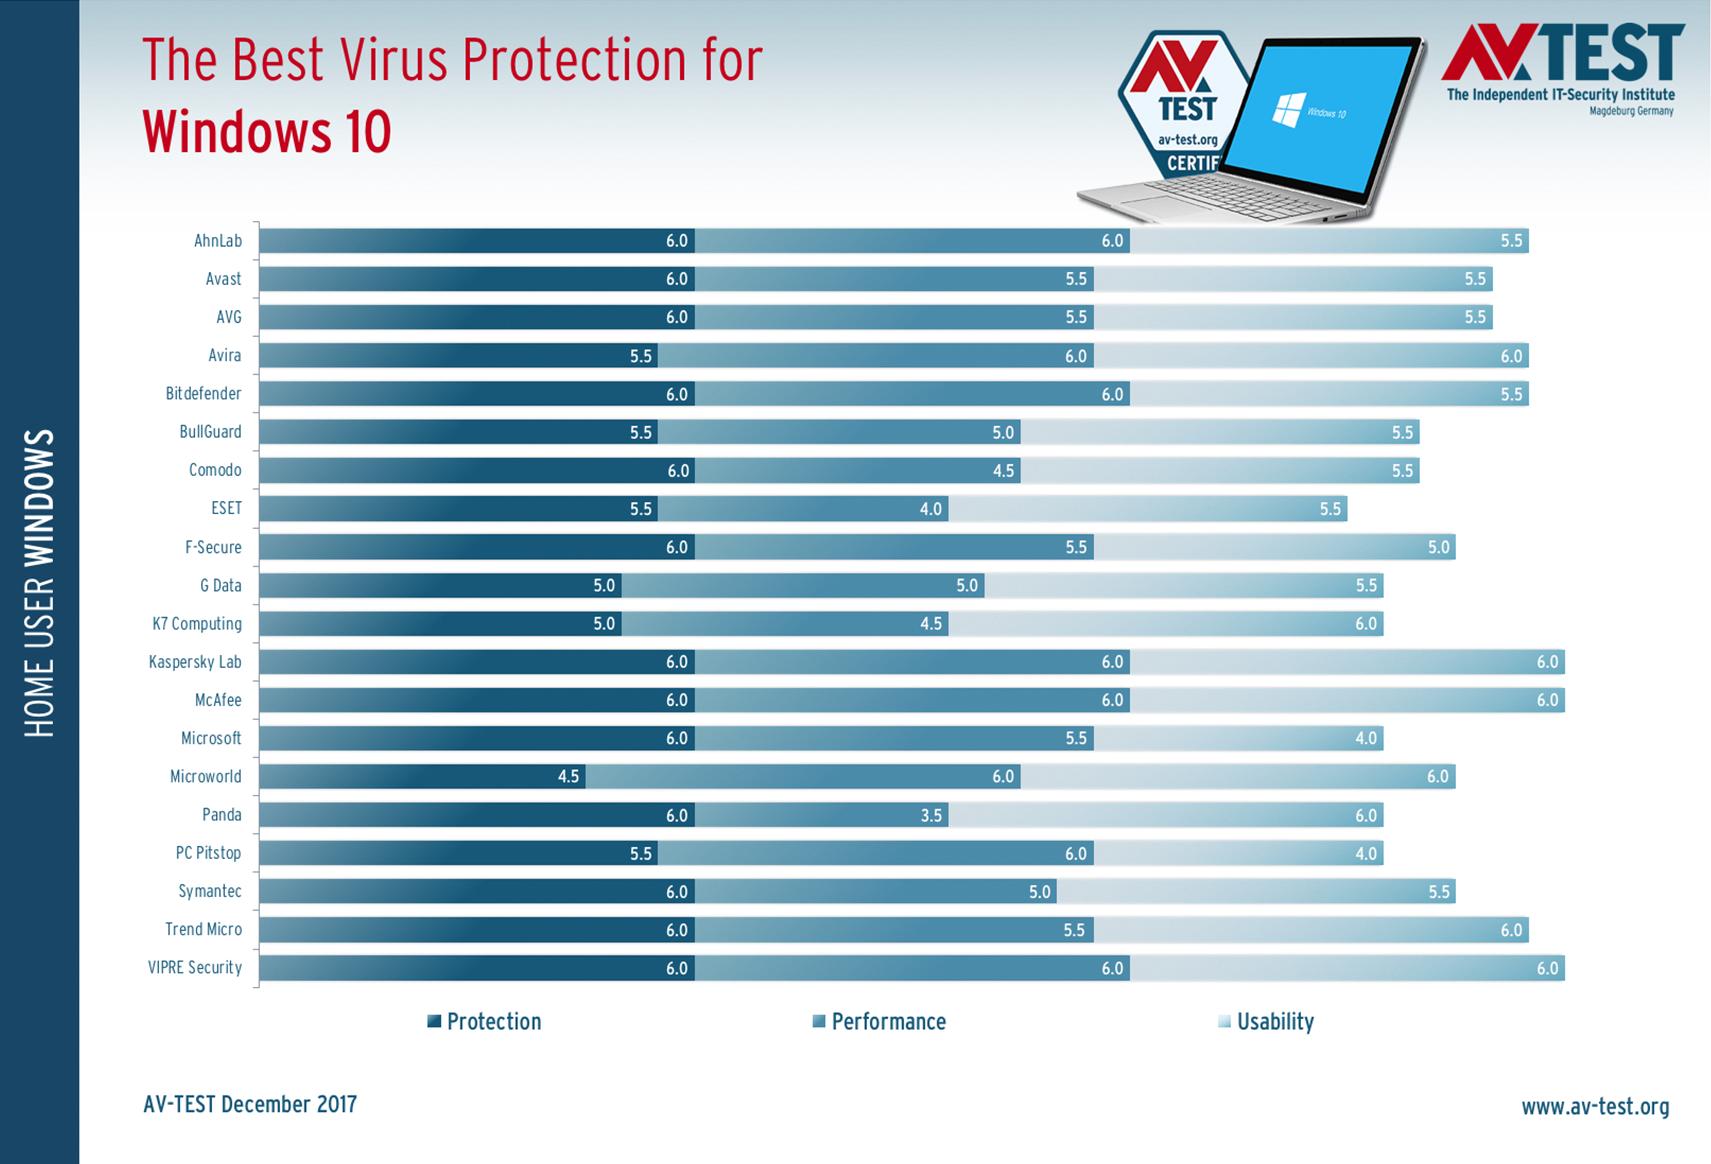 cual es el mejor antivirus para pc windows 7 gratis